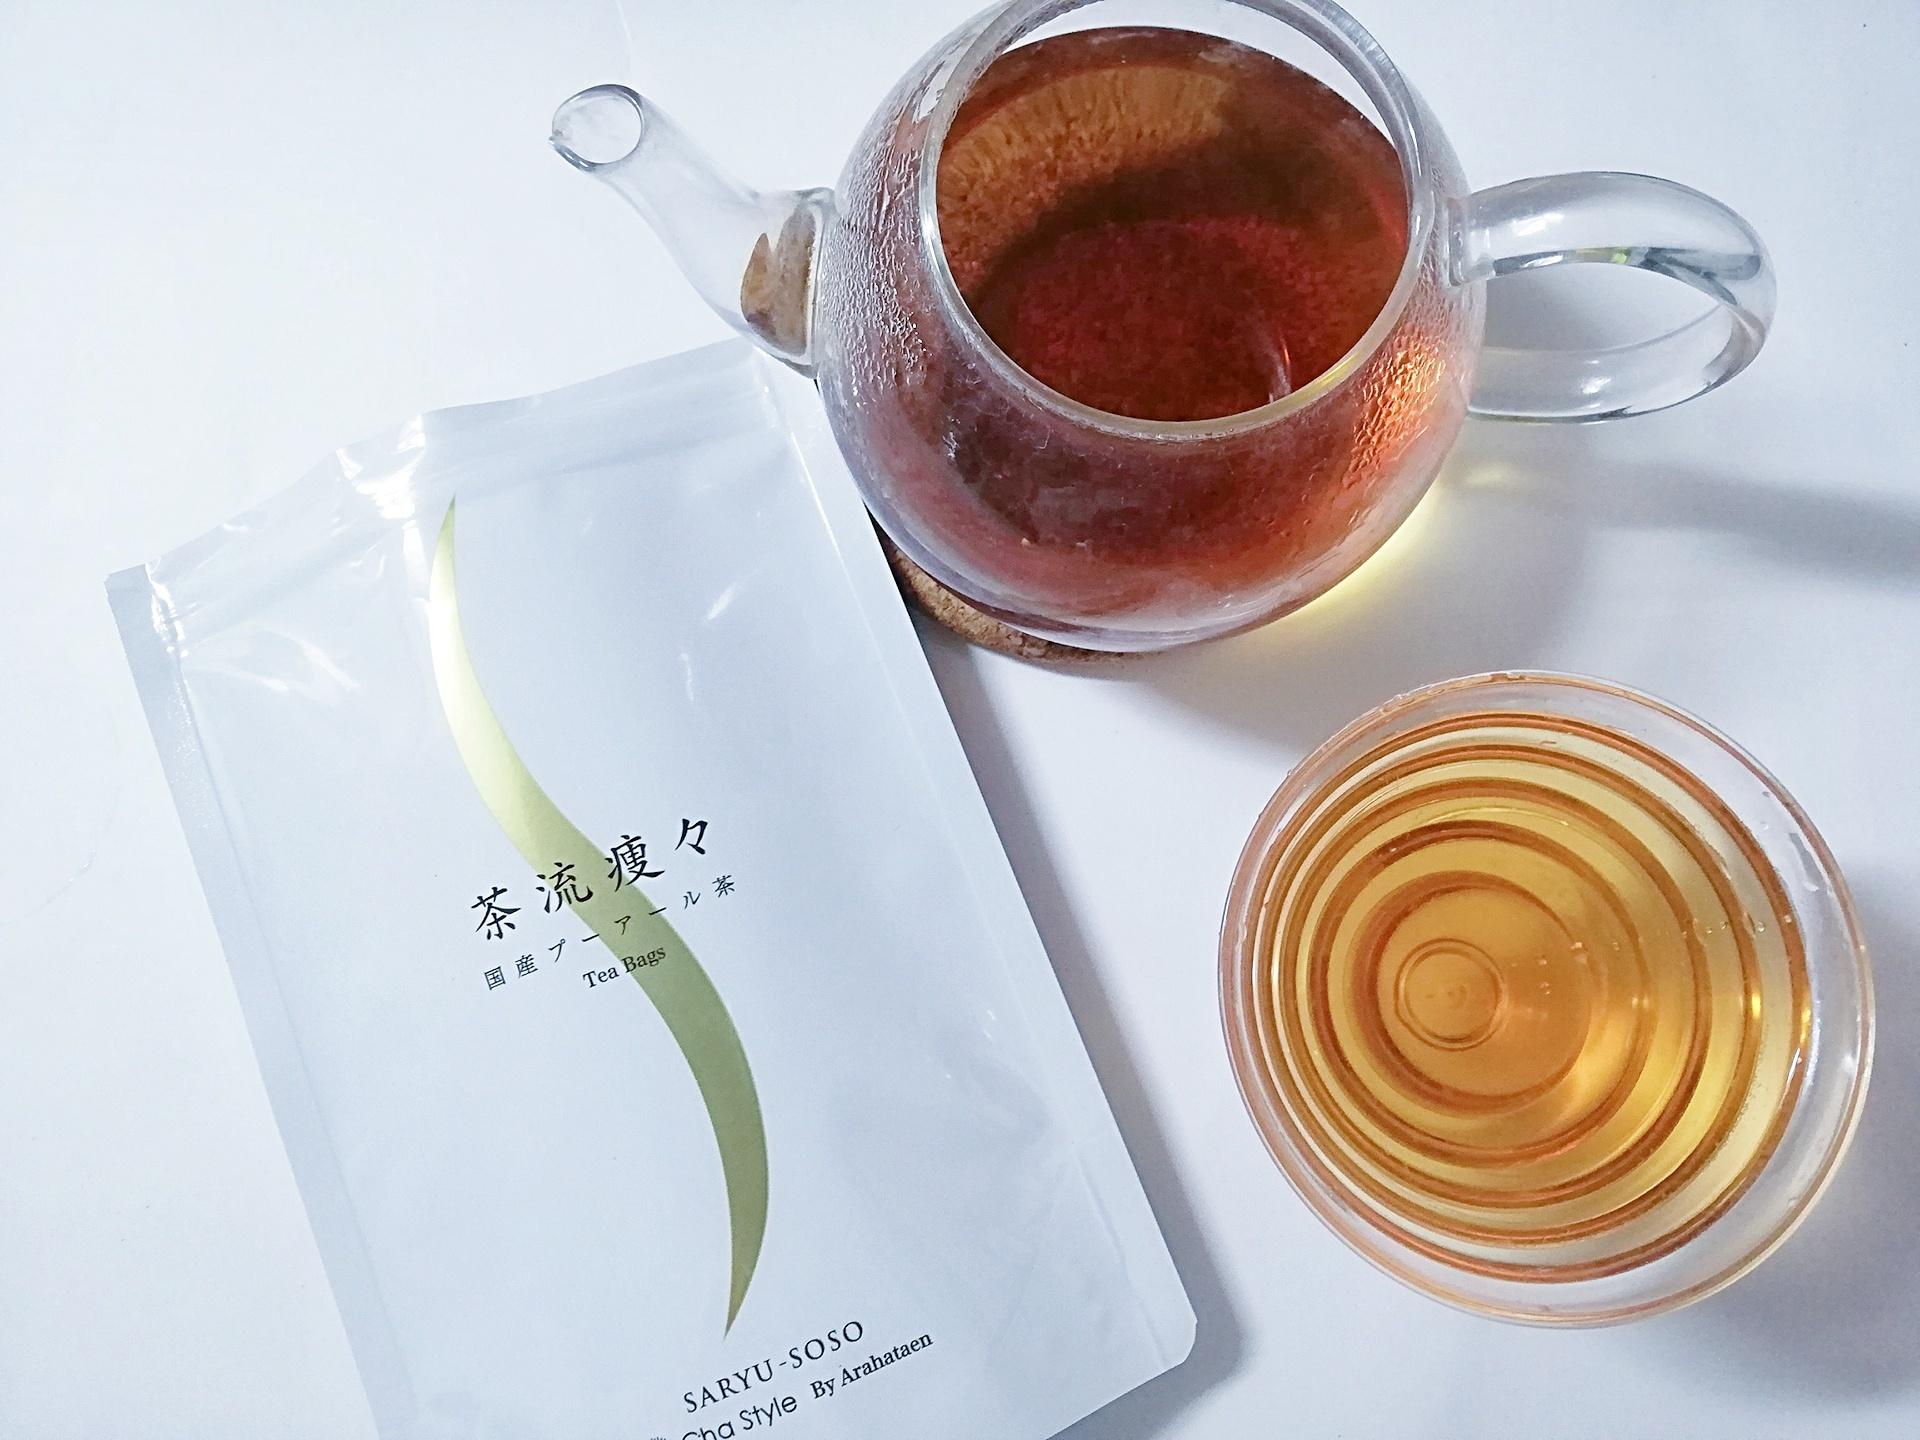 驚きの味と香りとポリフェノール!!荒畑園の国産ダイエットプーアール茶【茶流痩々(さりゅうそうそう)】